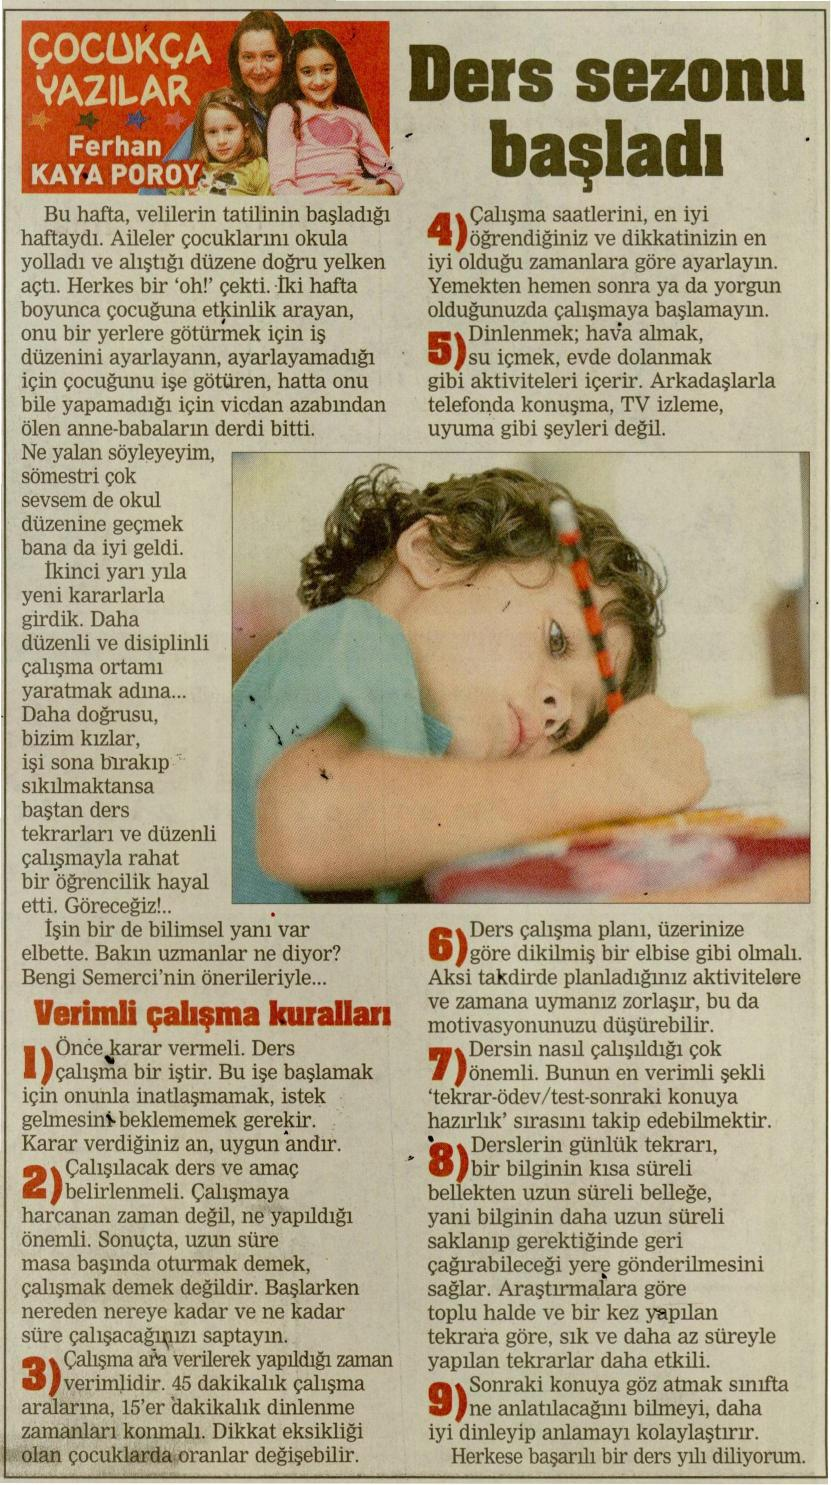 Ders Sezonu Başladı - 15.02.2014 POSTA CUMARTESİ